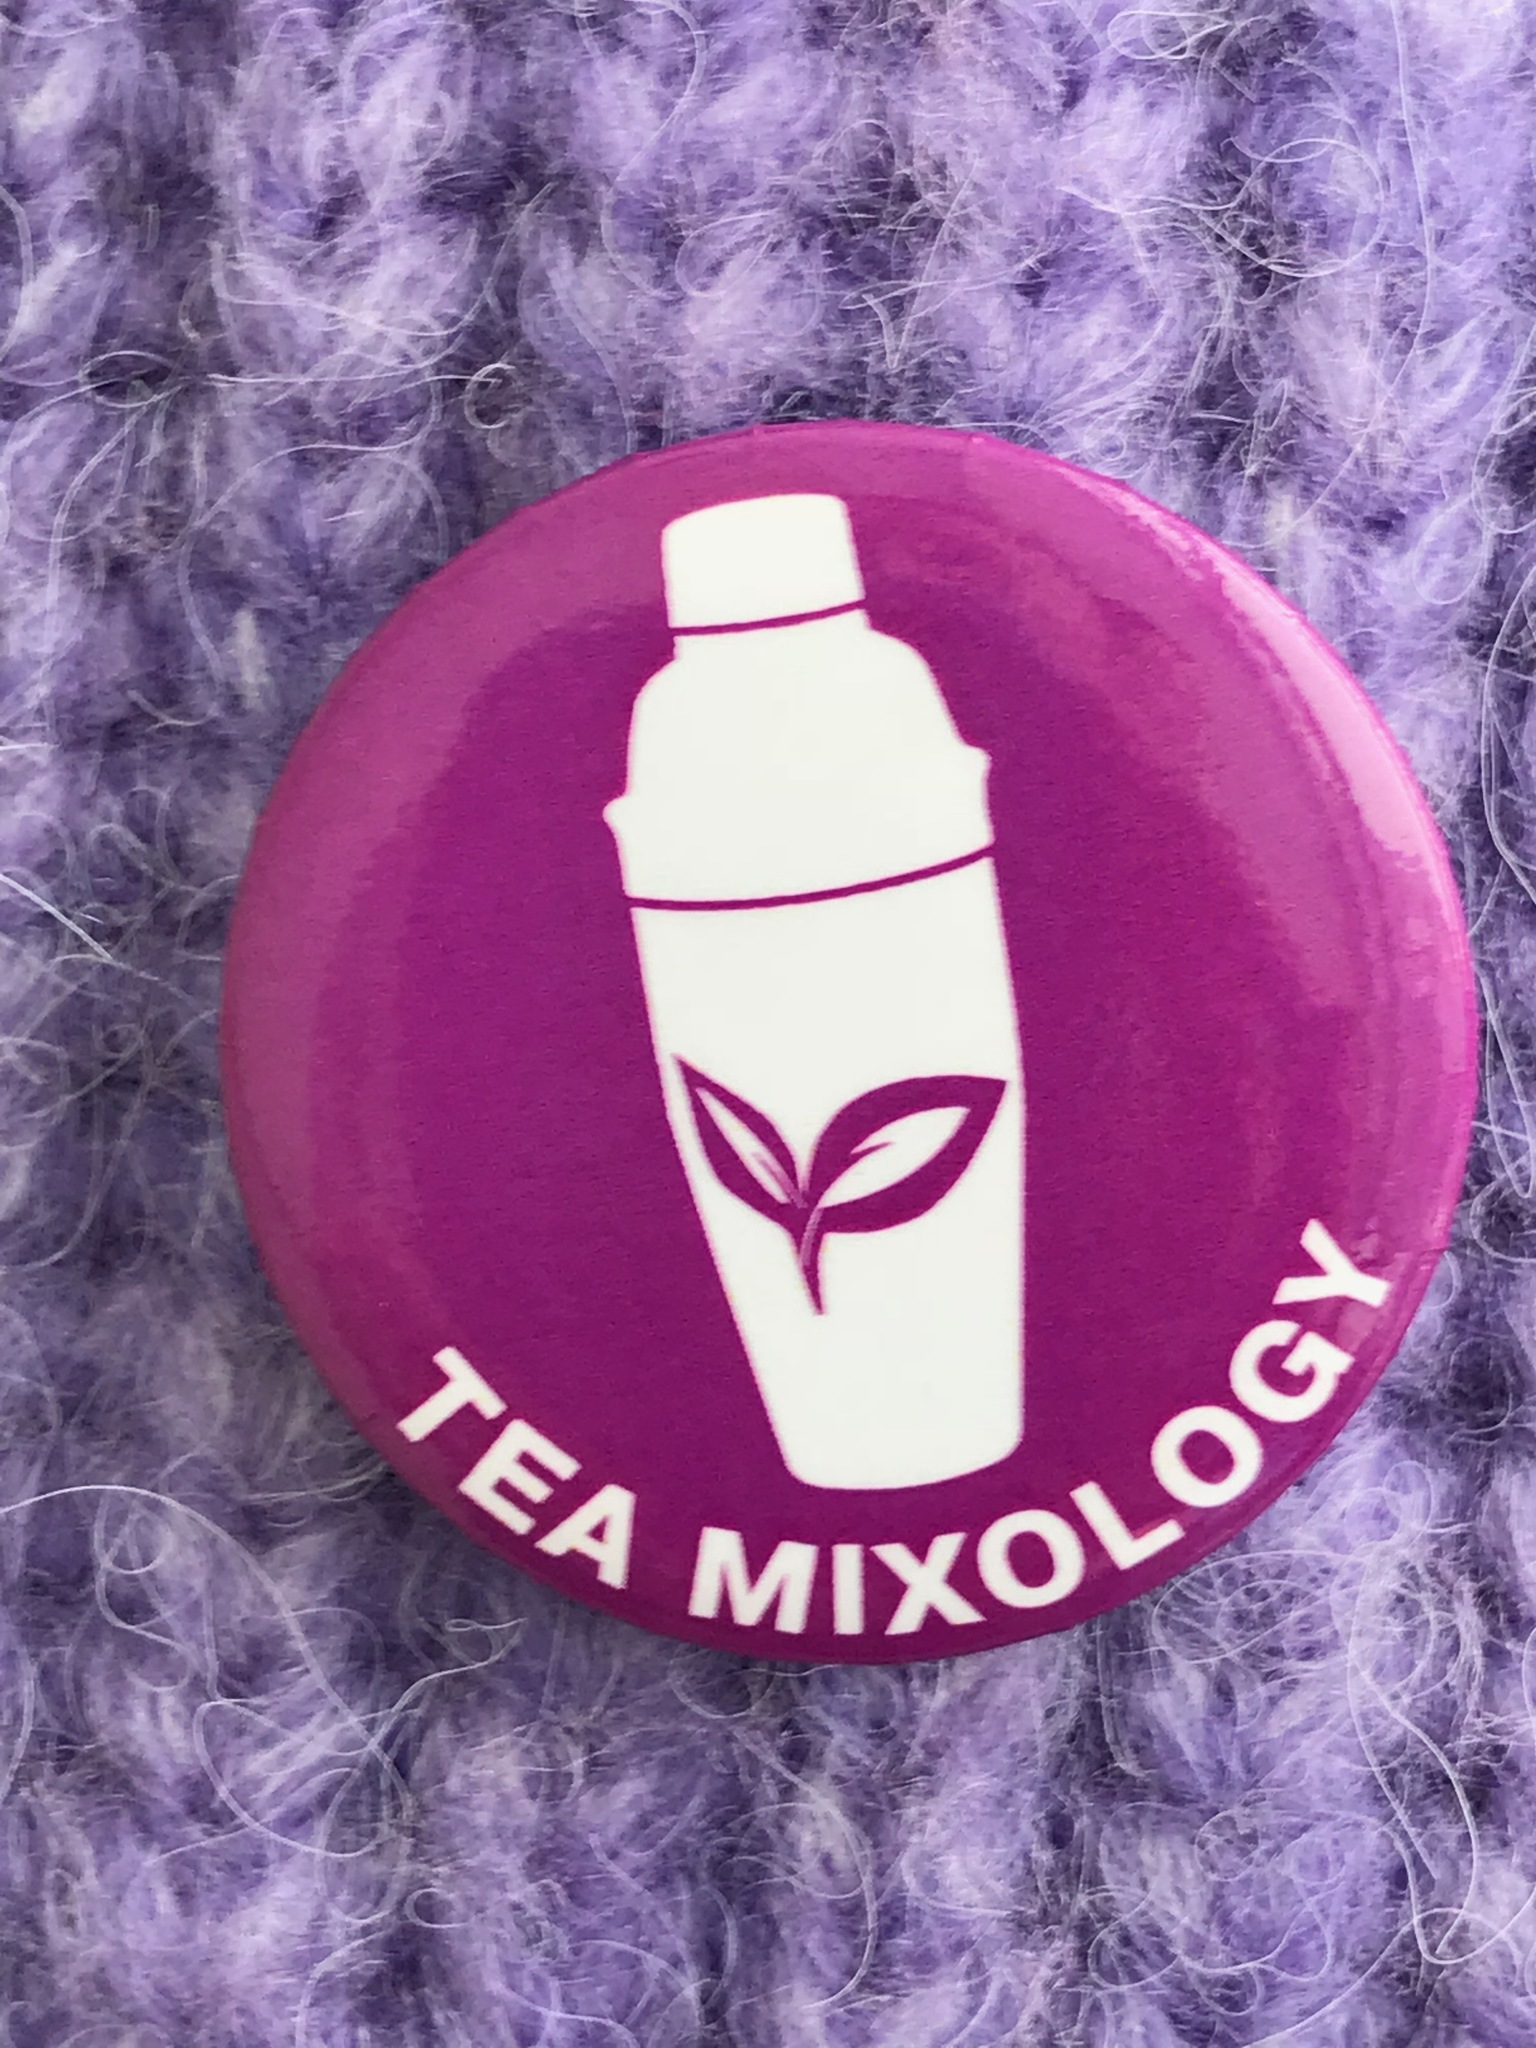 Tea Mixology